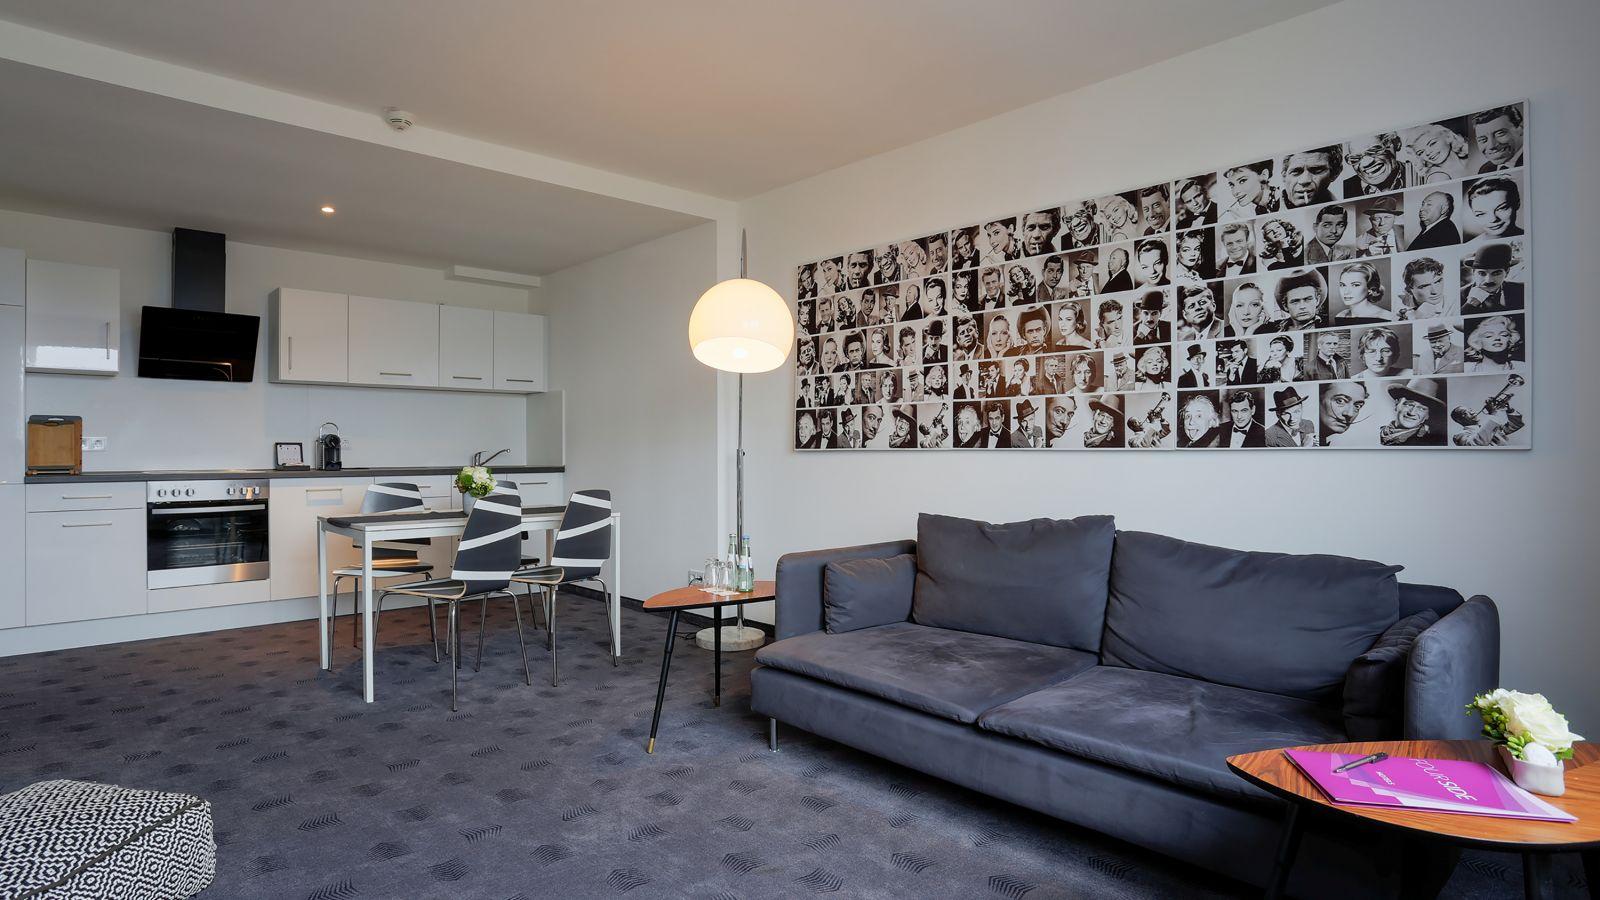 zimmer bersicht fourside plaza hotel trier. Black Bedroom Furniture Sets. Home Design Ideas